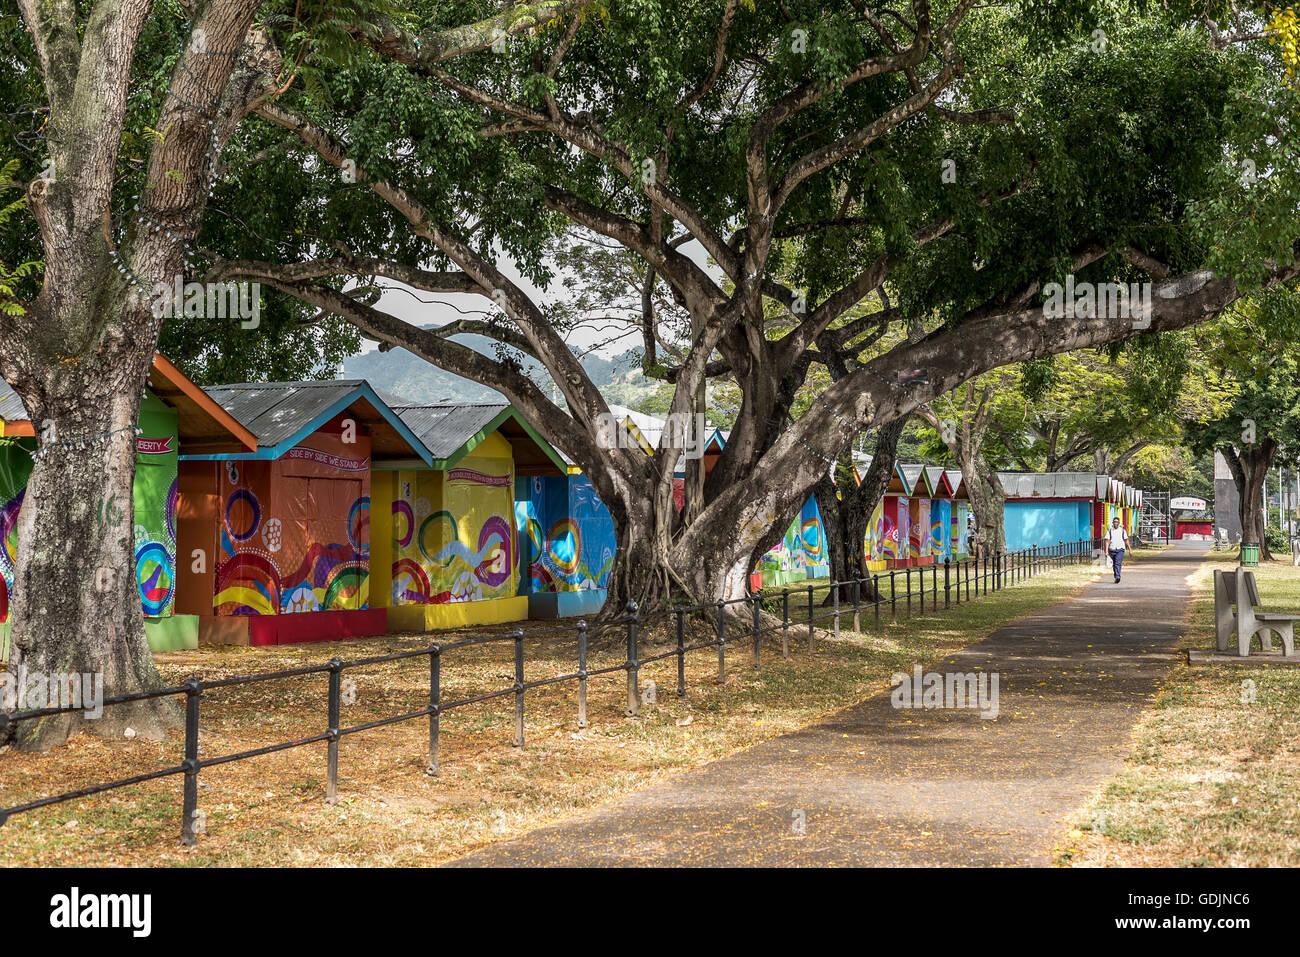 Trinidad And Tobago Carnival Stock Photos & Trinidad And ...